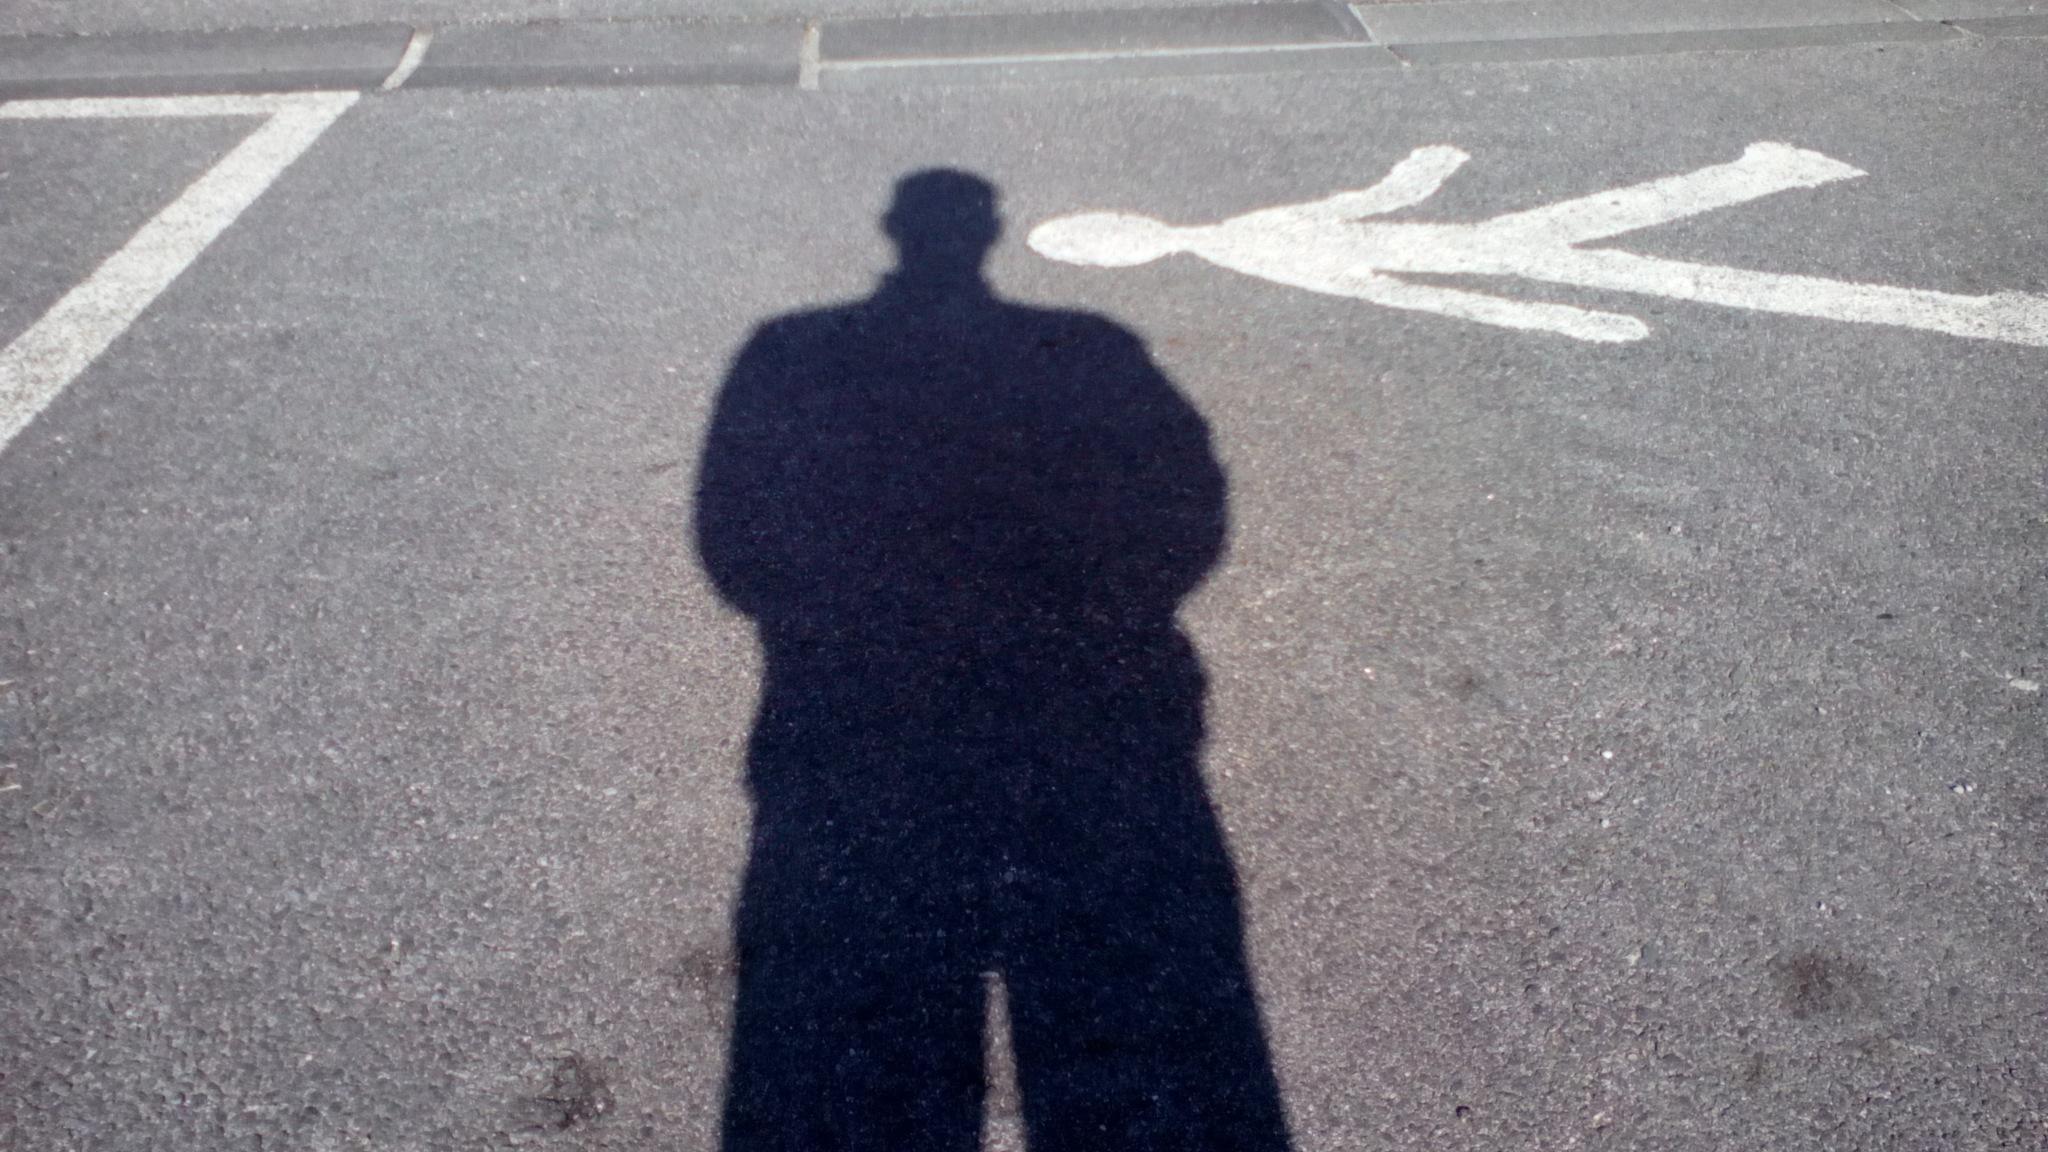 Autoportrait à l'ombre by  Sandor  vari